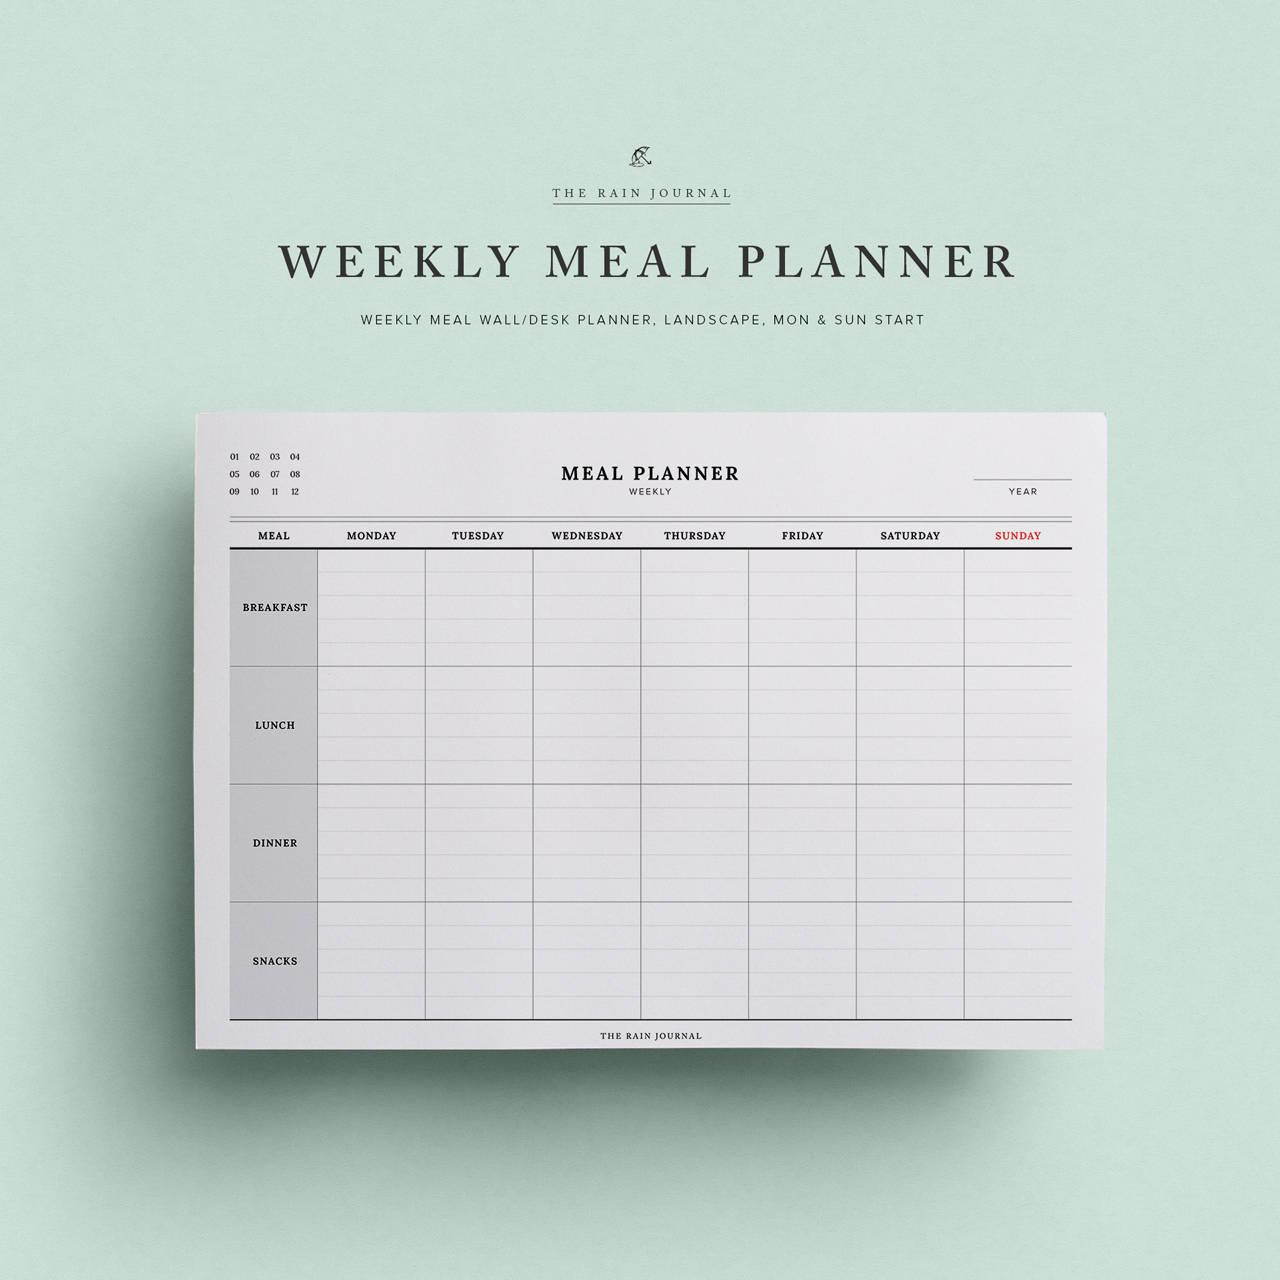 Gemütlich Wöchentliche Essen Planer Vorlage Fotos - Beispiel ...